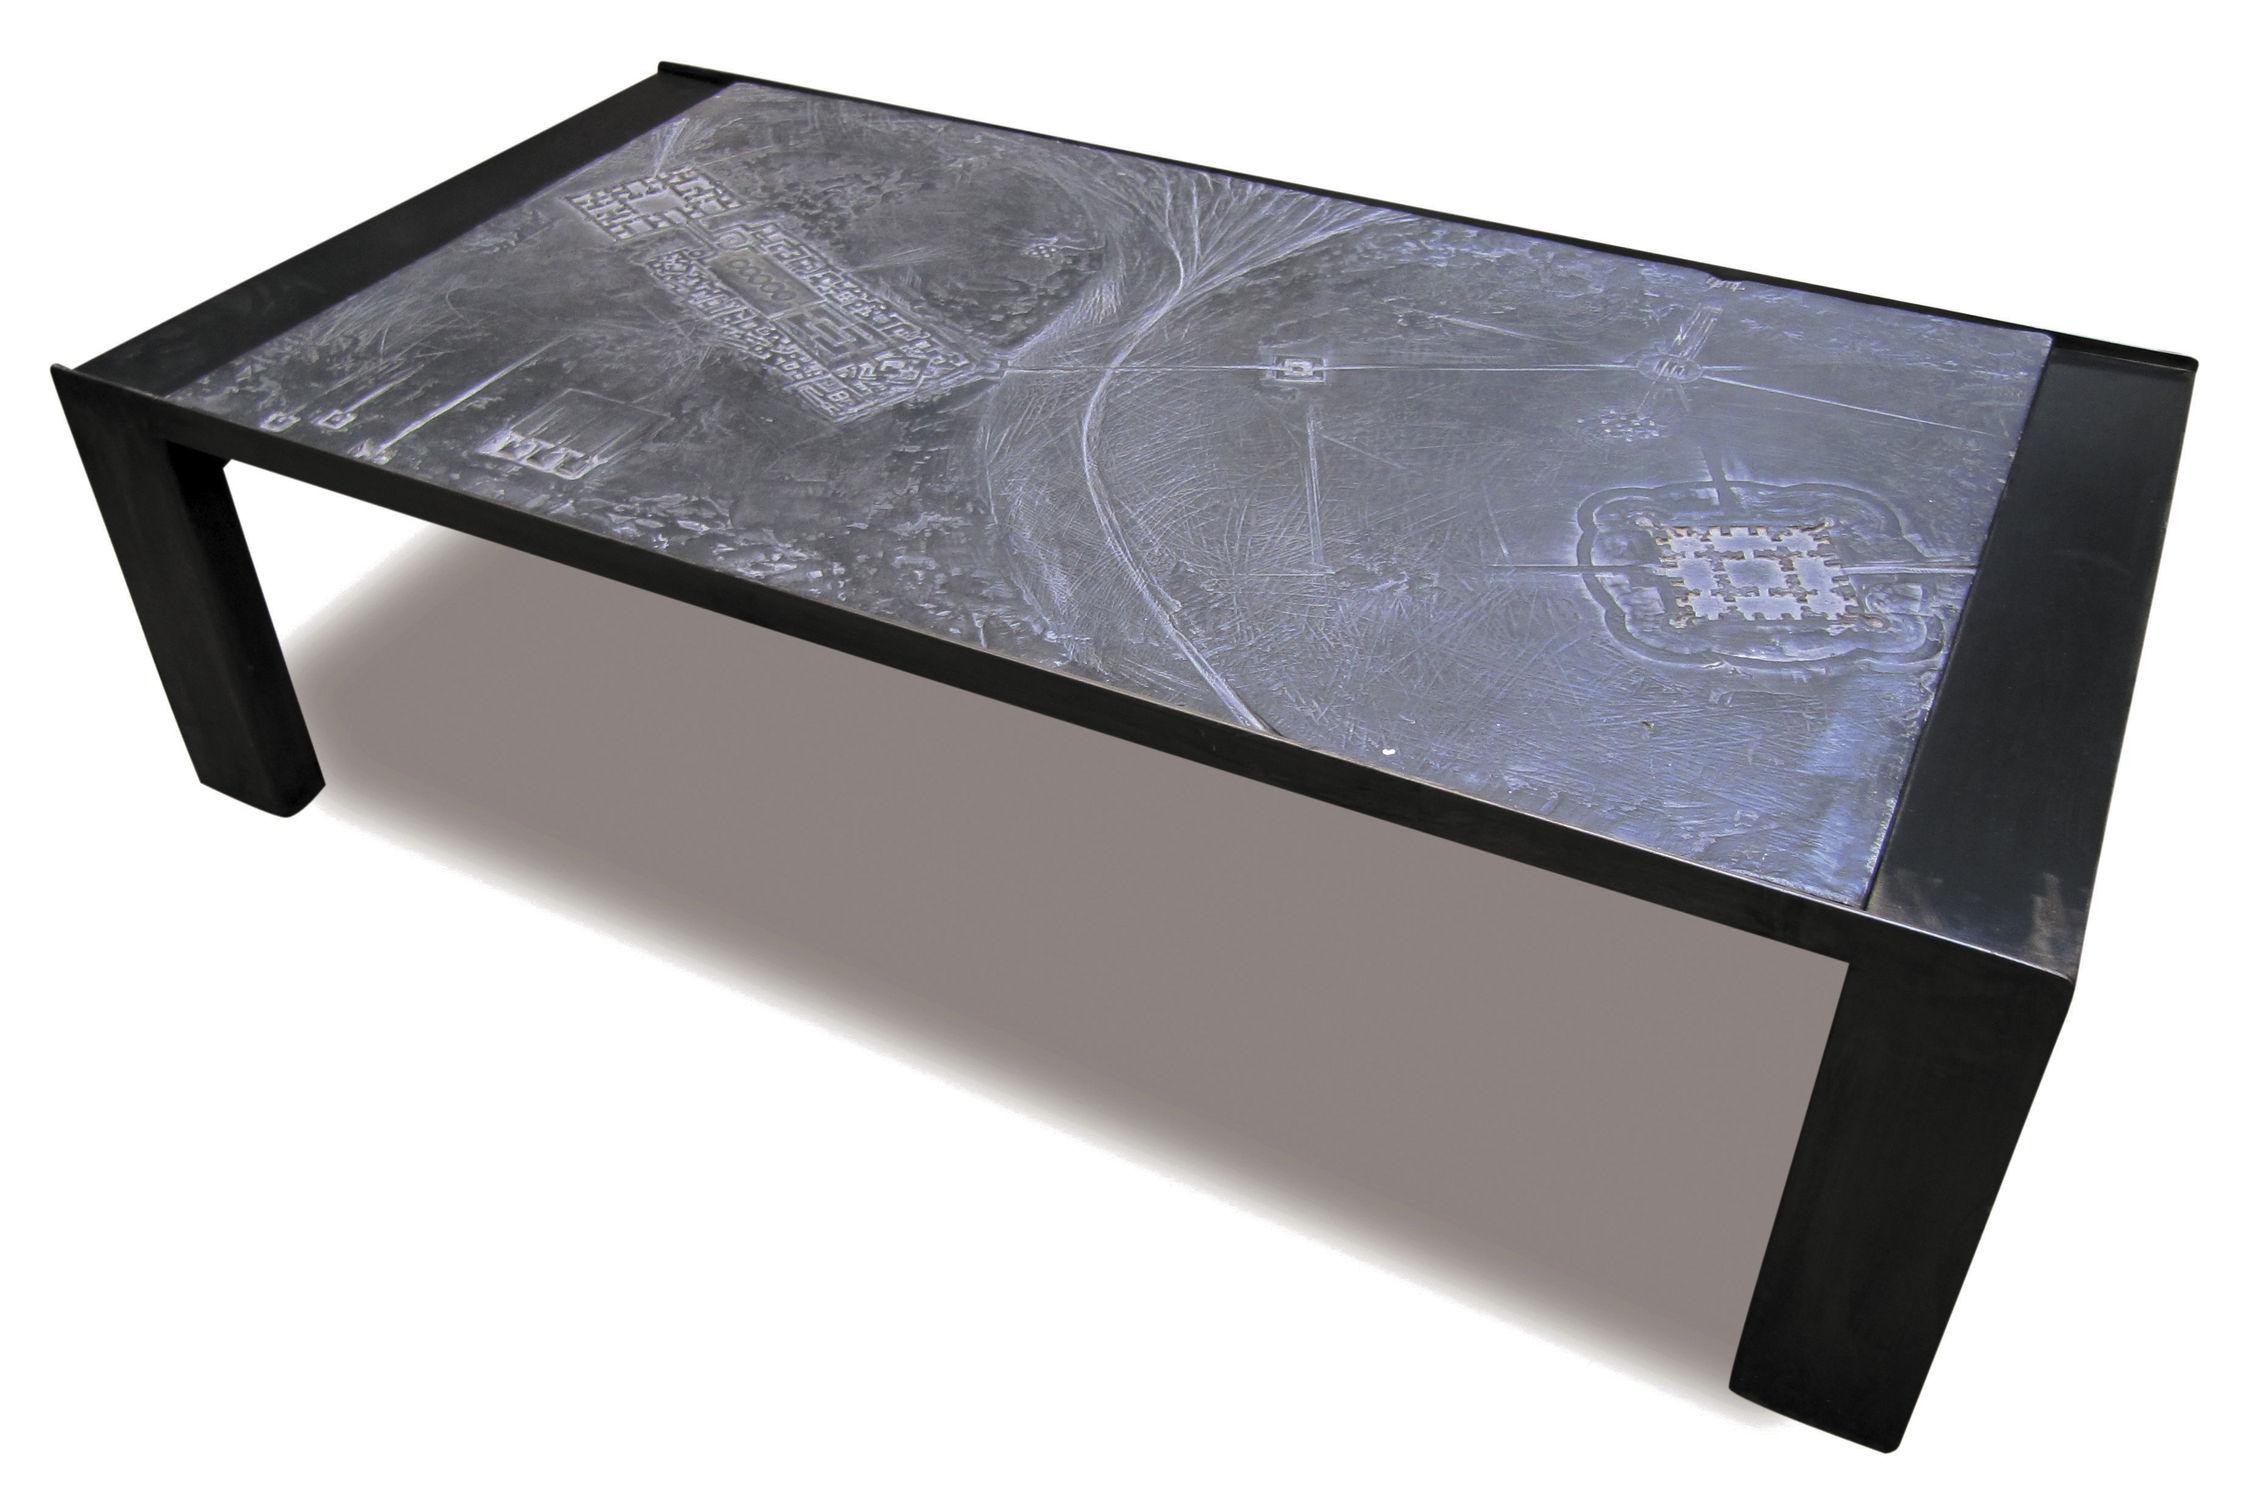 meilleure sélection 8f418 3905a Table basse contemporaine / en métal / en pierre ...